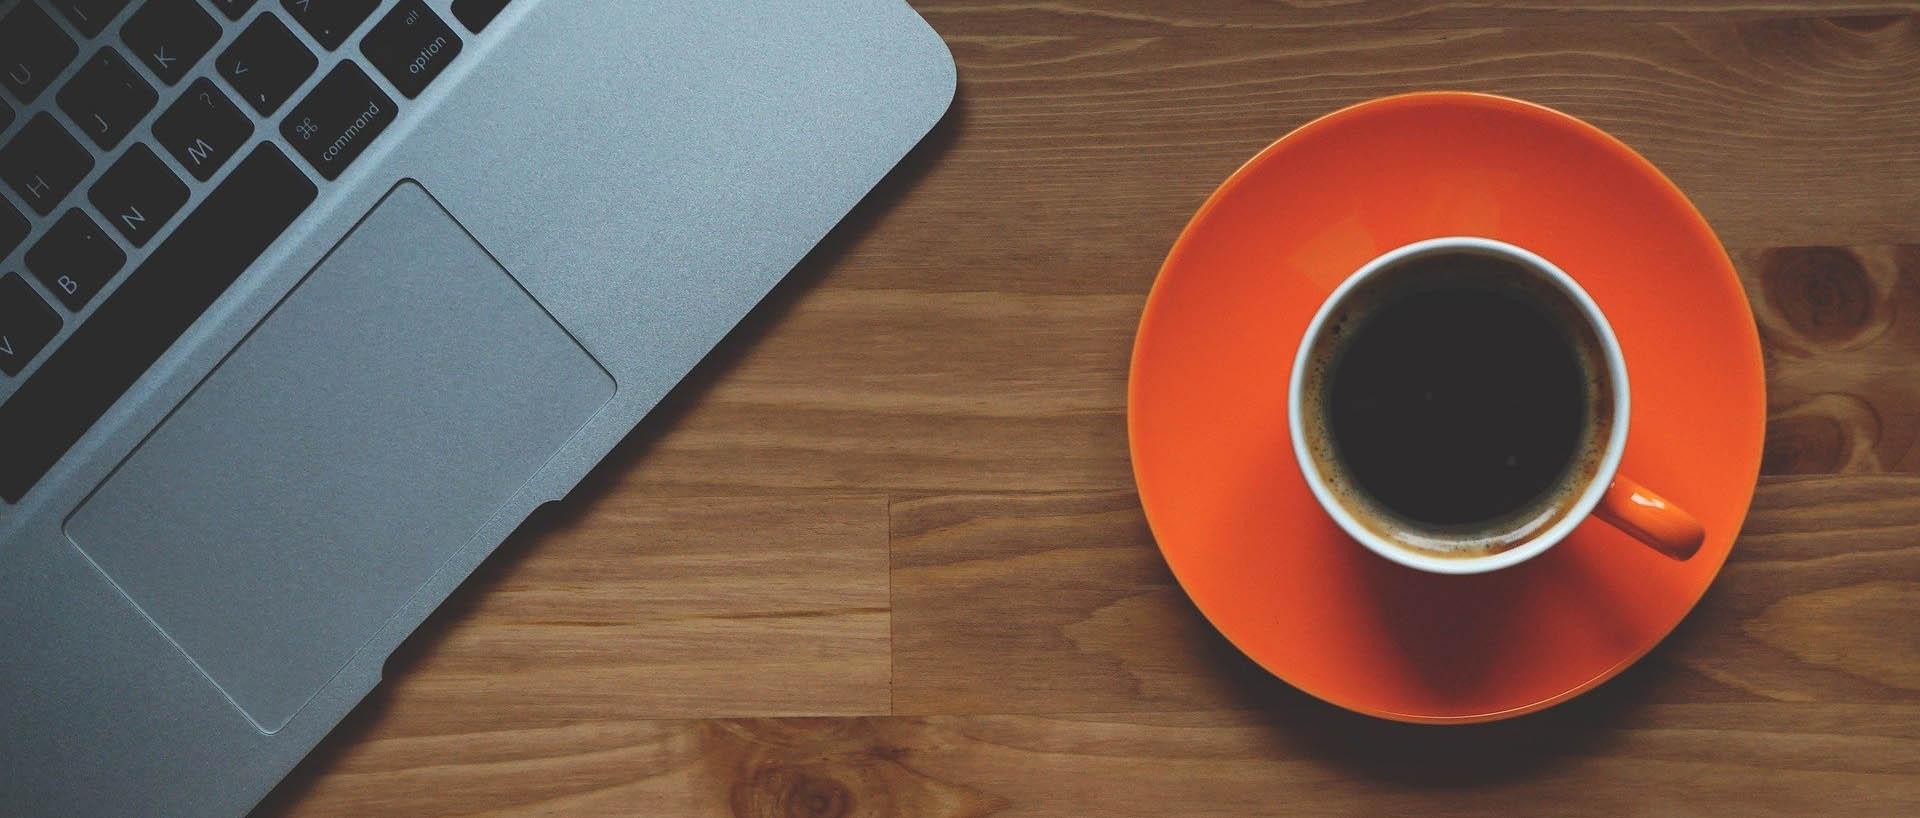 Energizing Alternatives to Caffeine